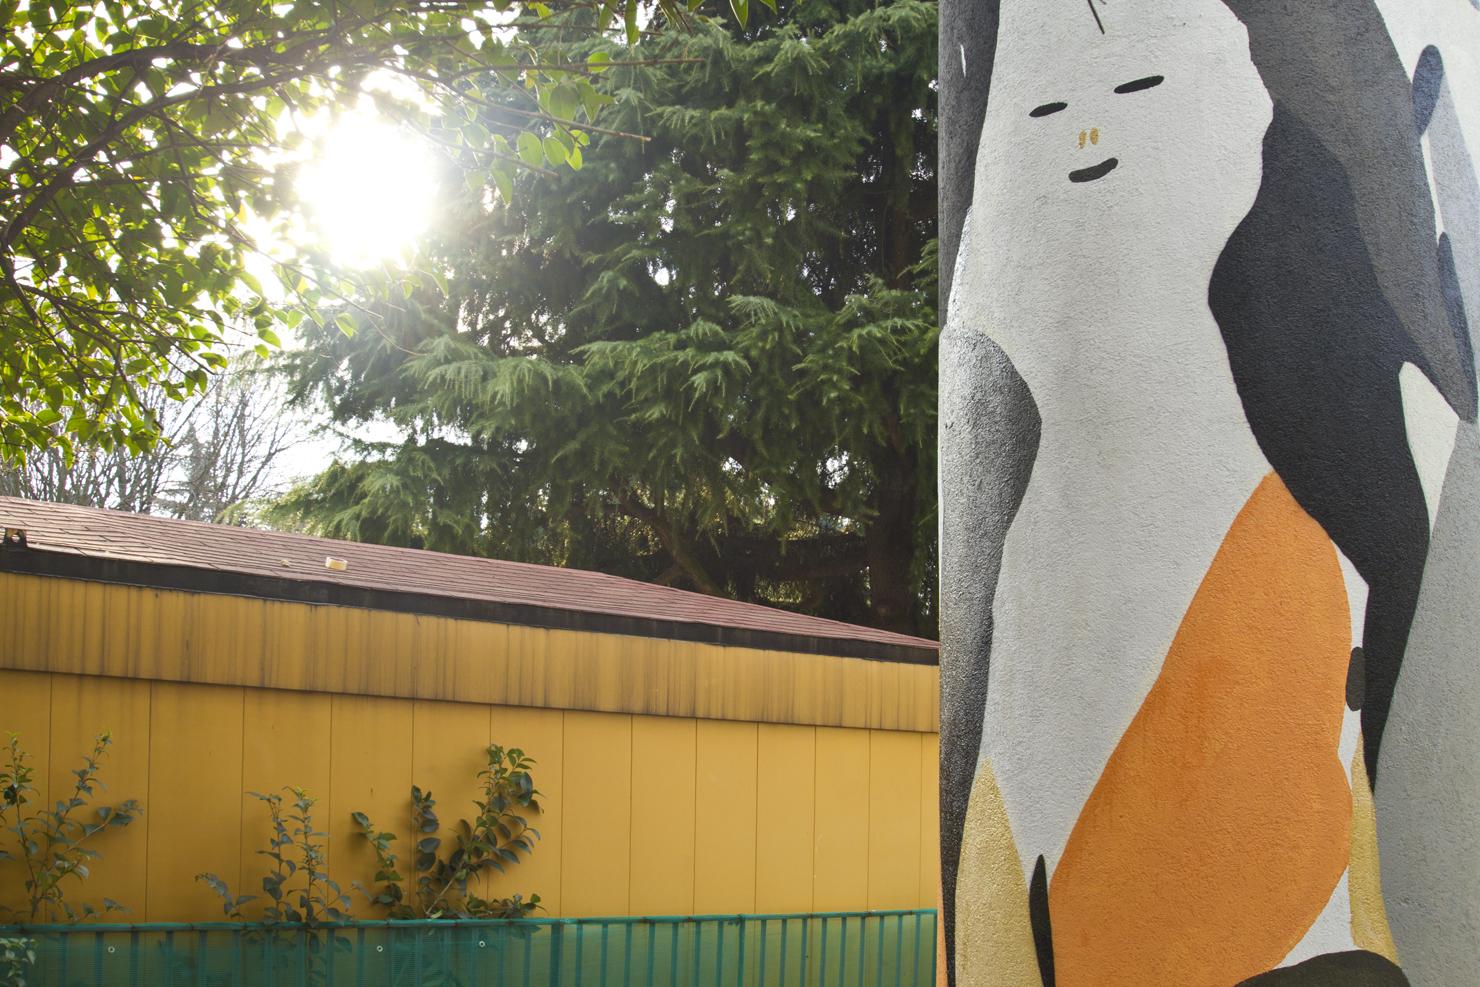 giorgio-bartocci-new-mural-in-monza-17